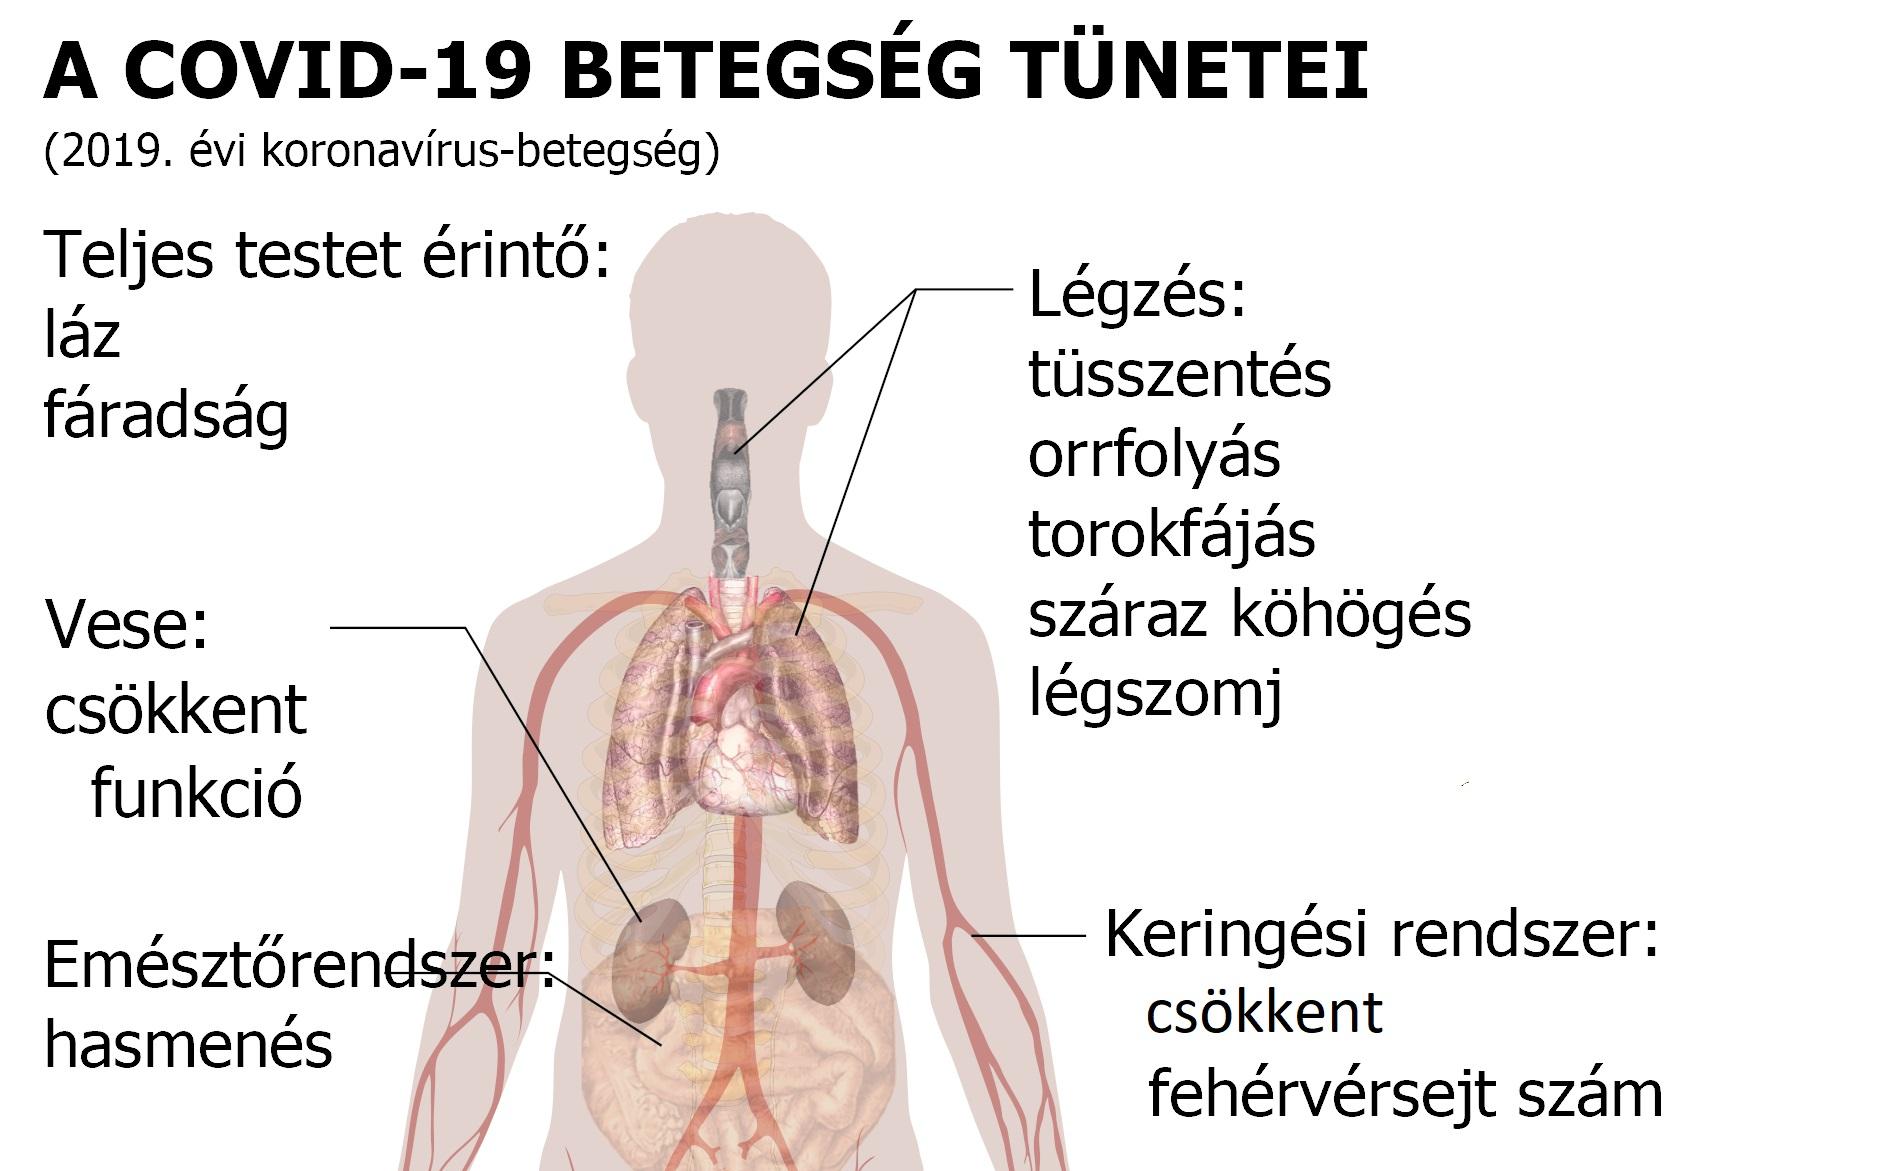 vese magas vérnyomás elleni gyógyszerek kezelése)